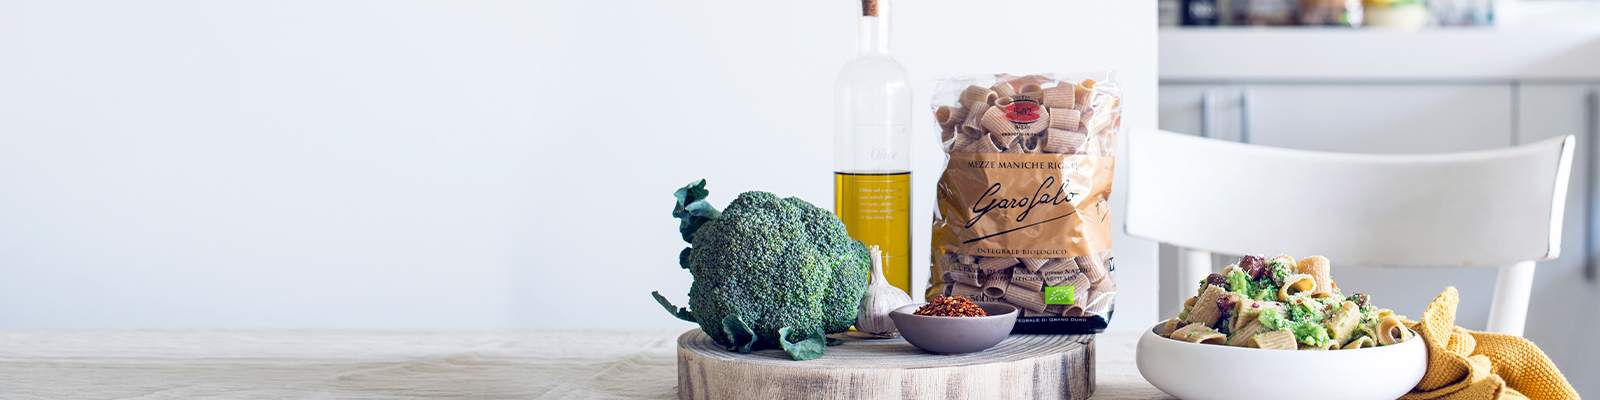 Pasta Garofalo - Vollkorngrieß aus Bio-Hartweizen